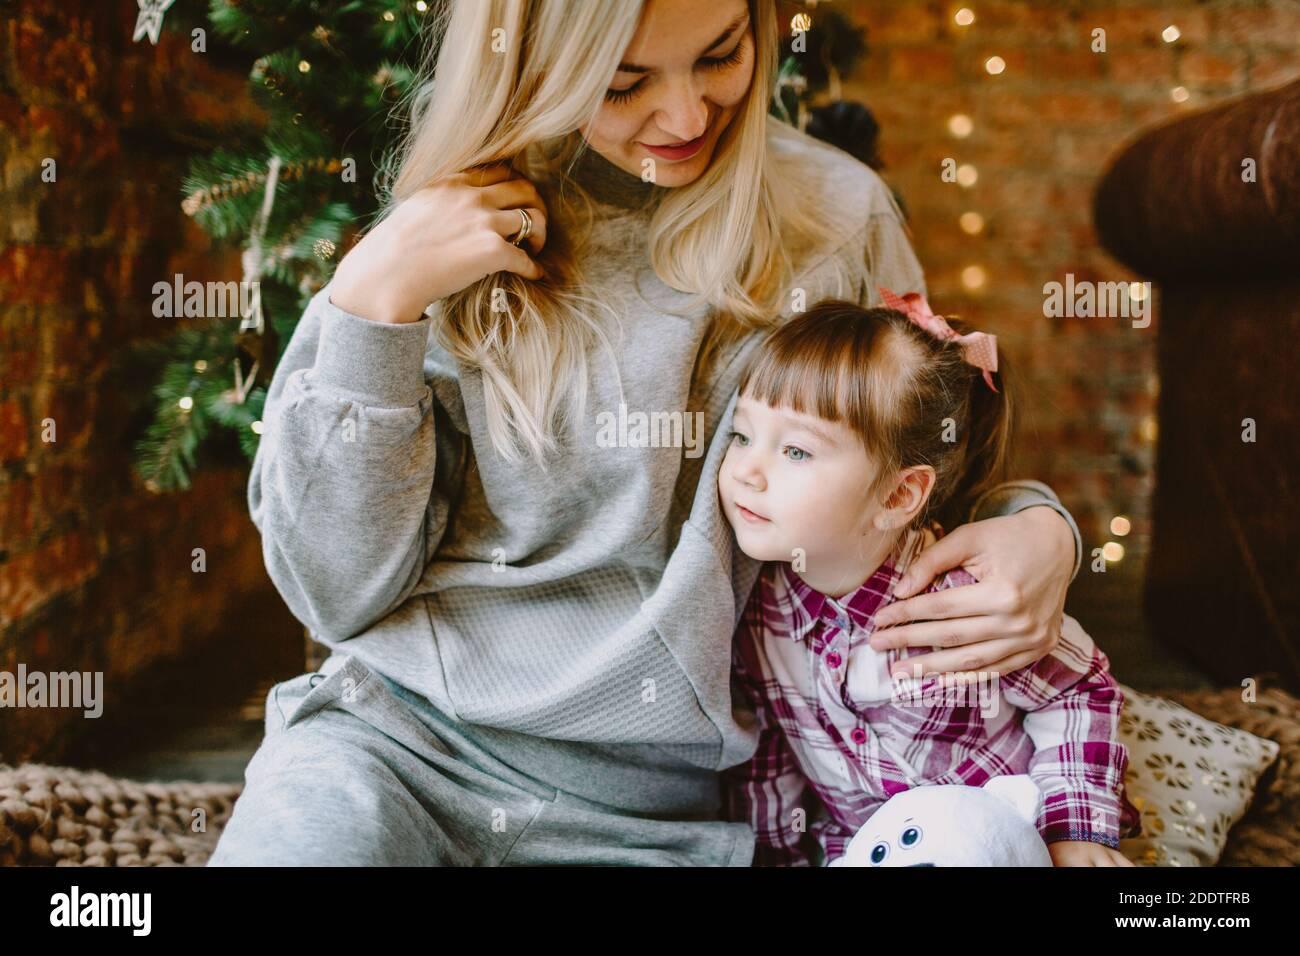 23 de noviembre de 2020. Anapa, Rusia. Yong niña con madre en el interior de Navidad. Vacaciones en invierno. Foto de stock